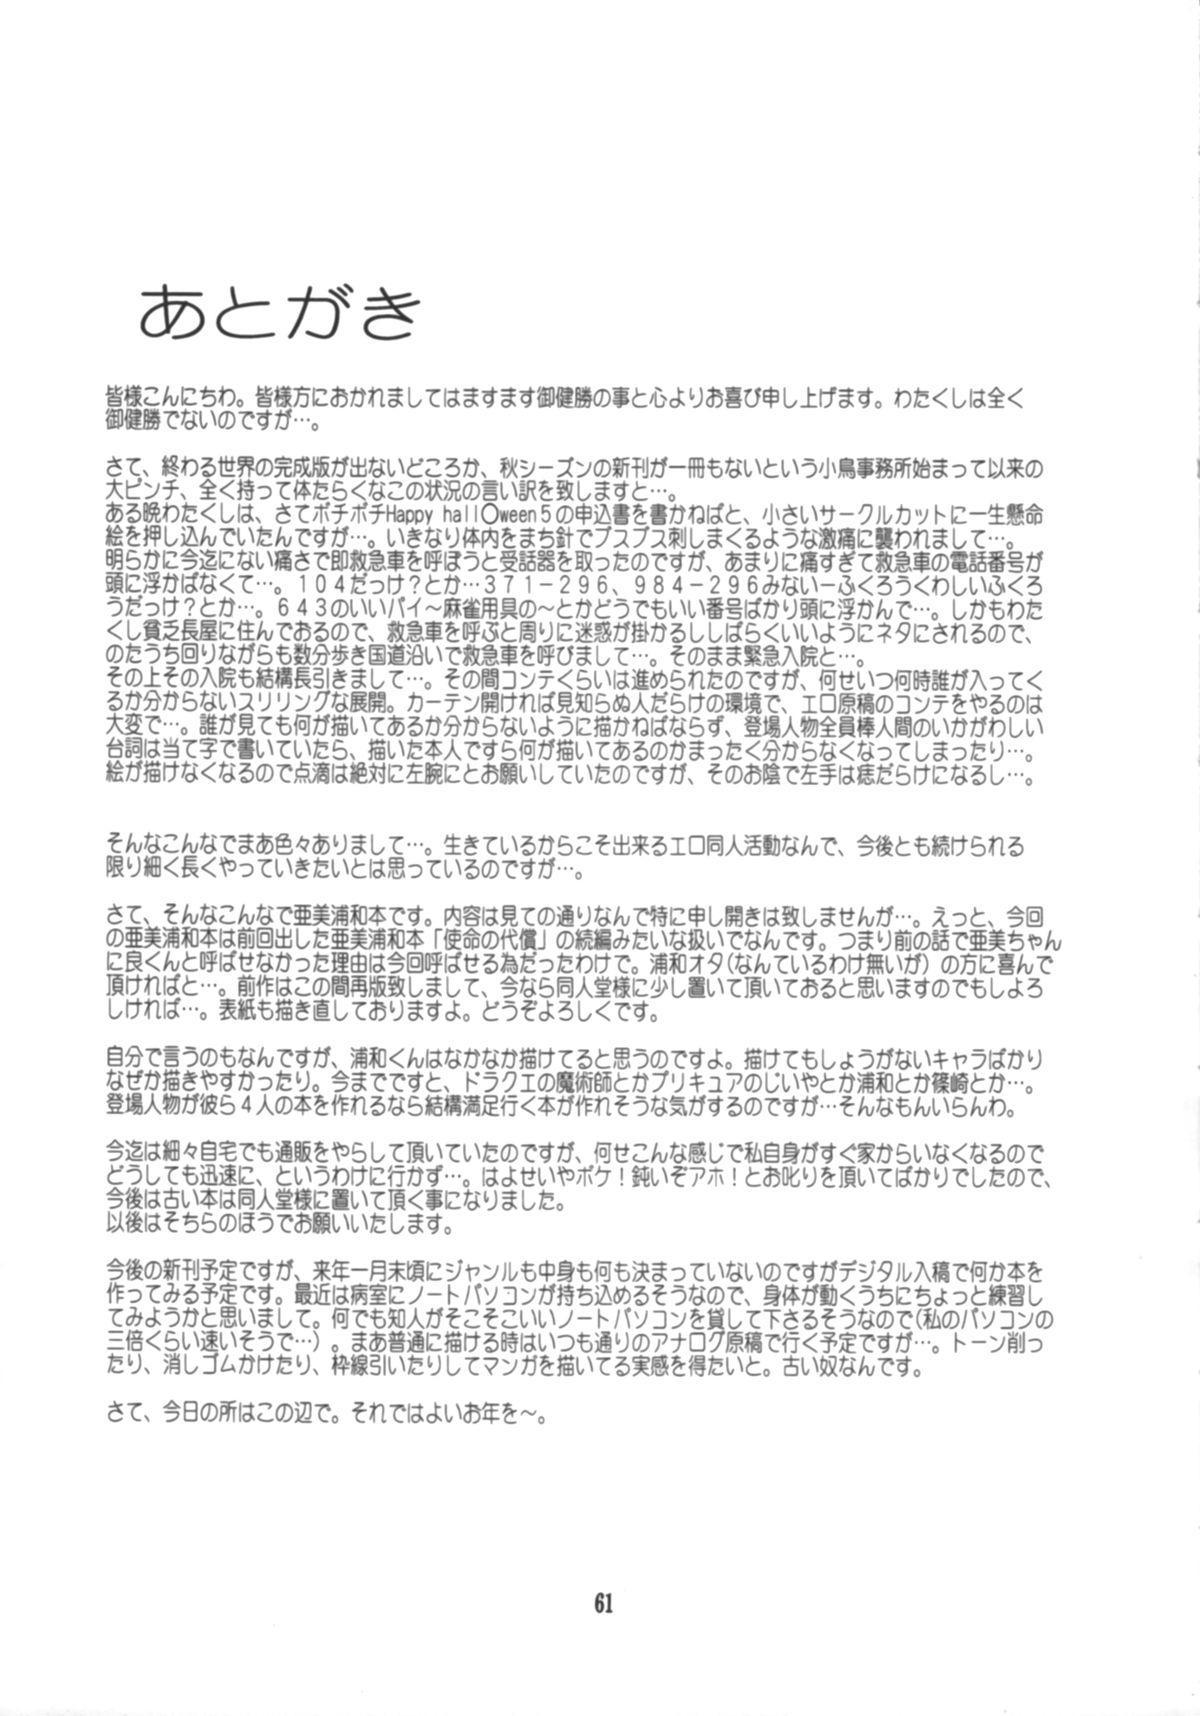 Hajimari No Owari, Owari No Hajimari 61